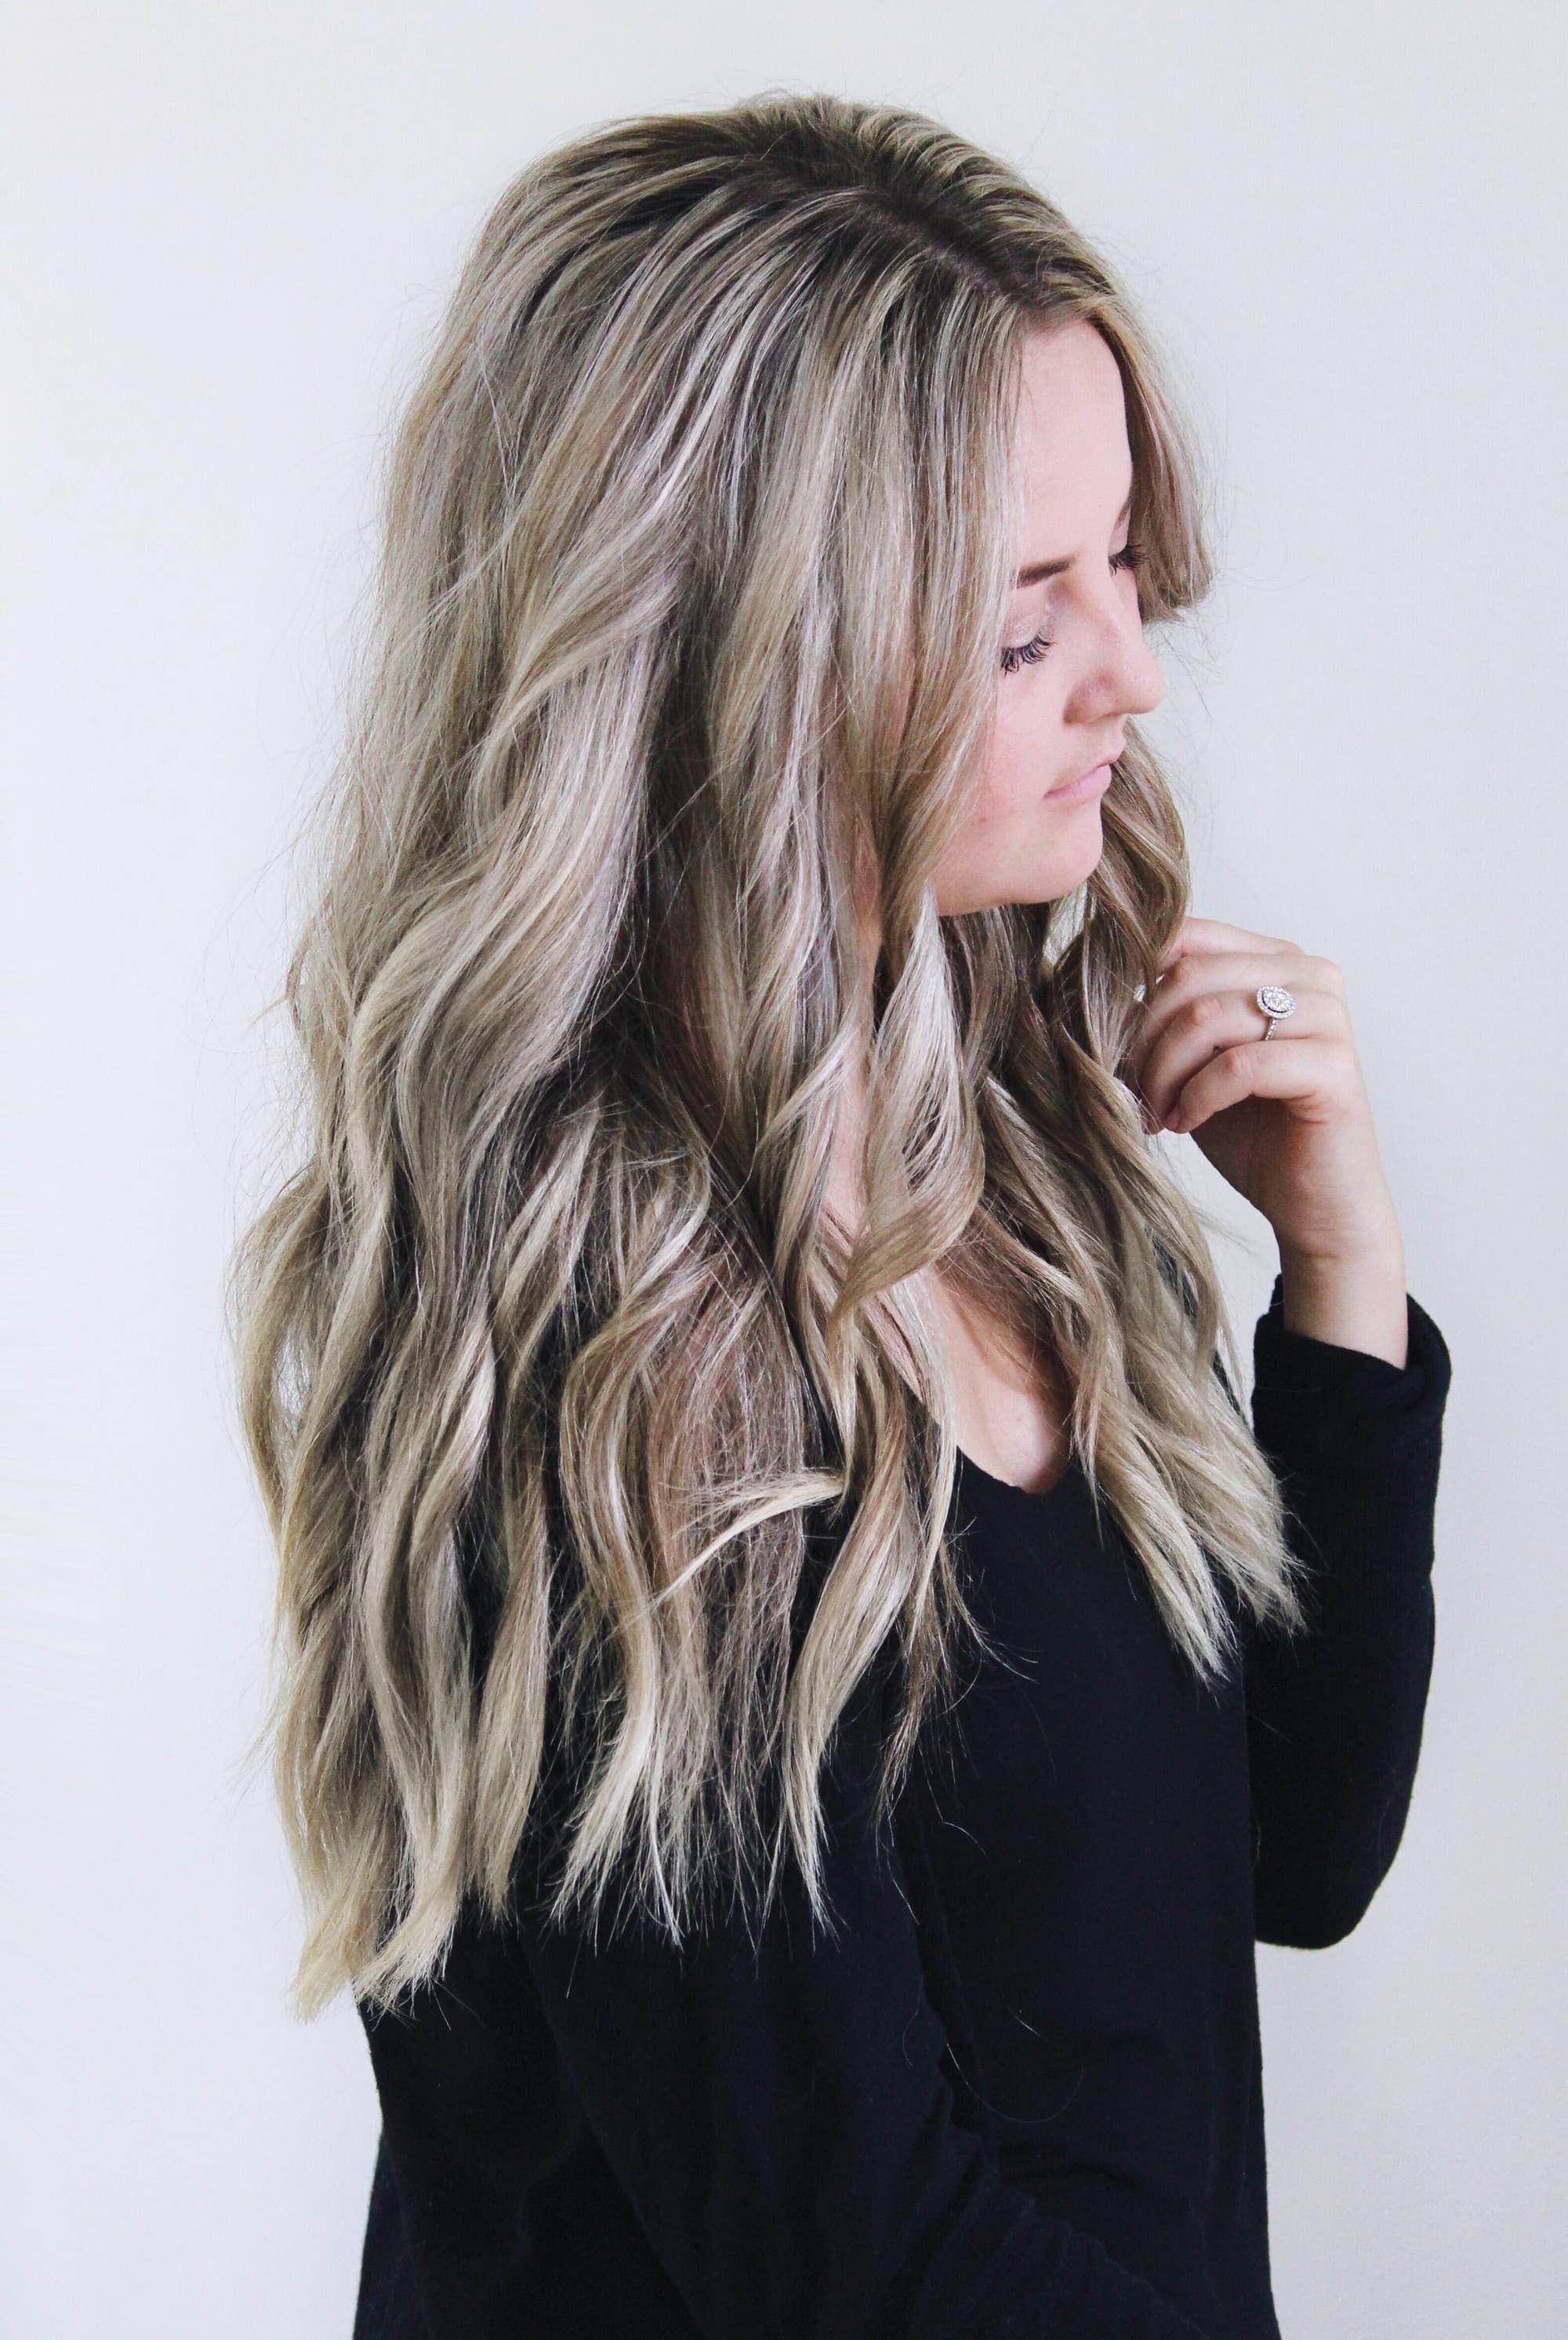 db85fdb8e46a2adf31df487a616a0243 - How To Get Great Curls With A Flat Iron